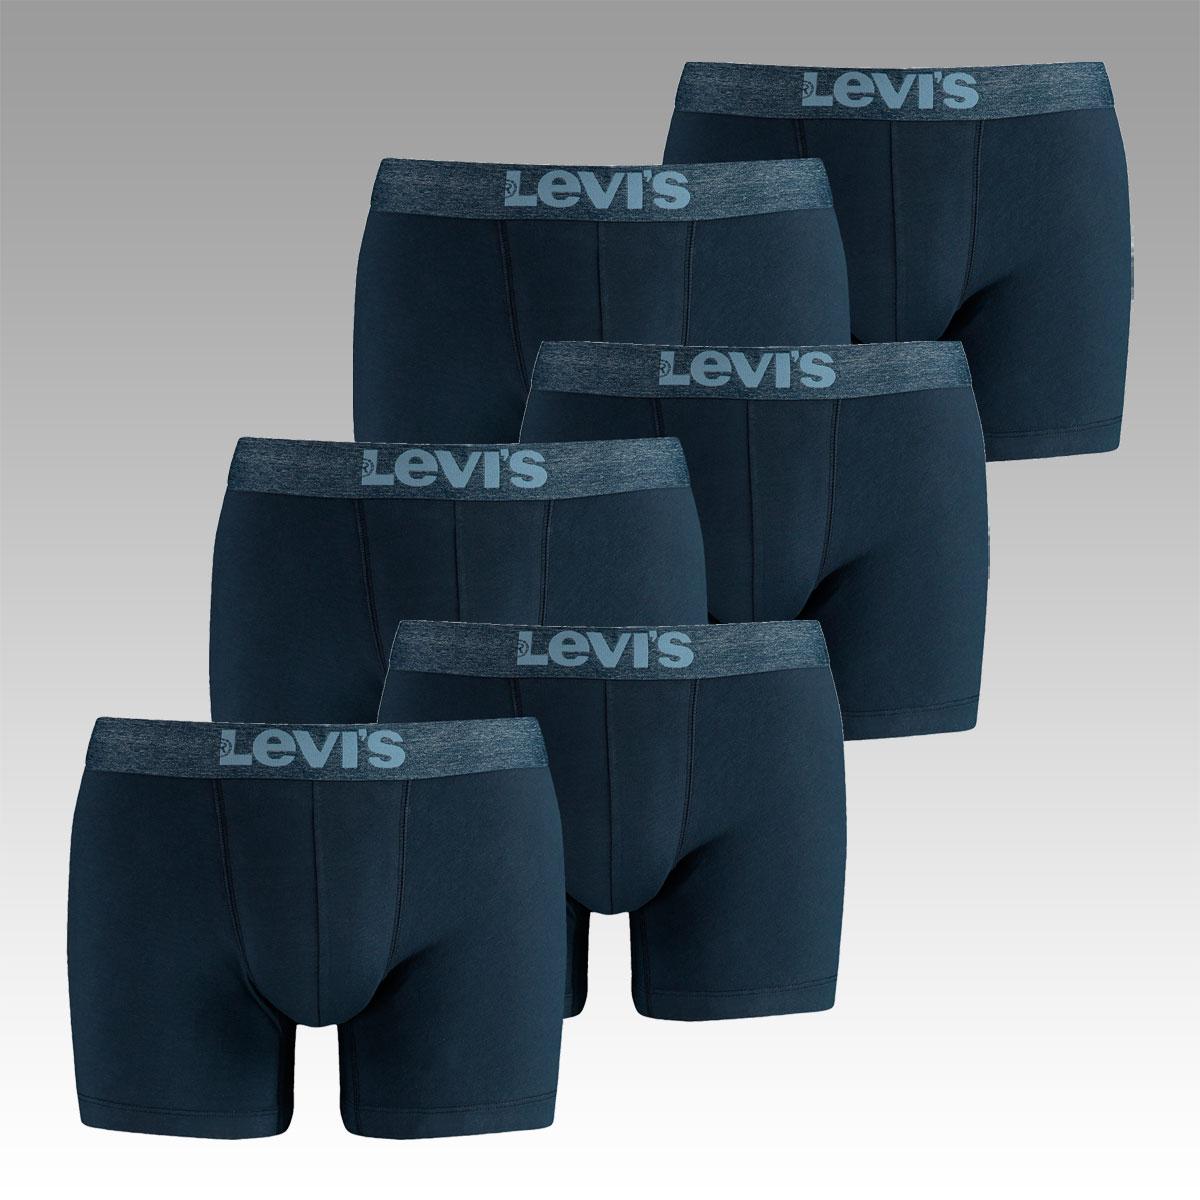 6 Levis-Boxershorts für 39,95€ bei Allstar